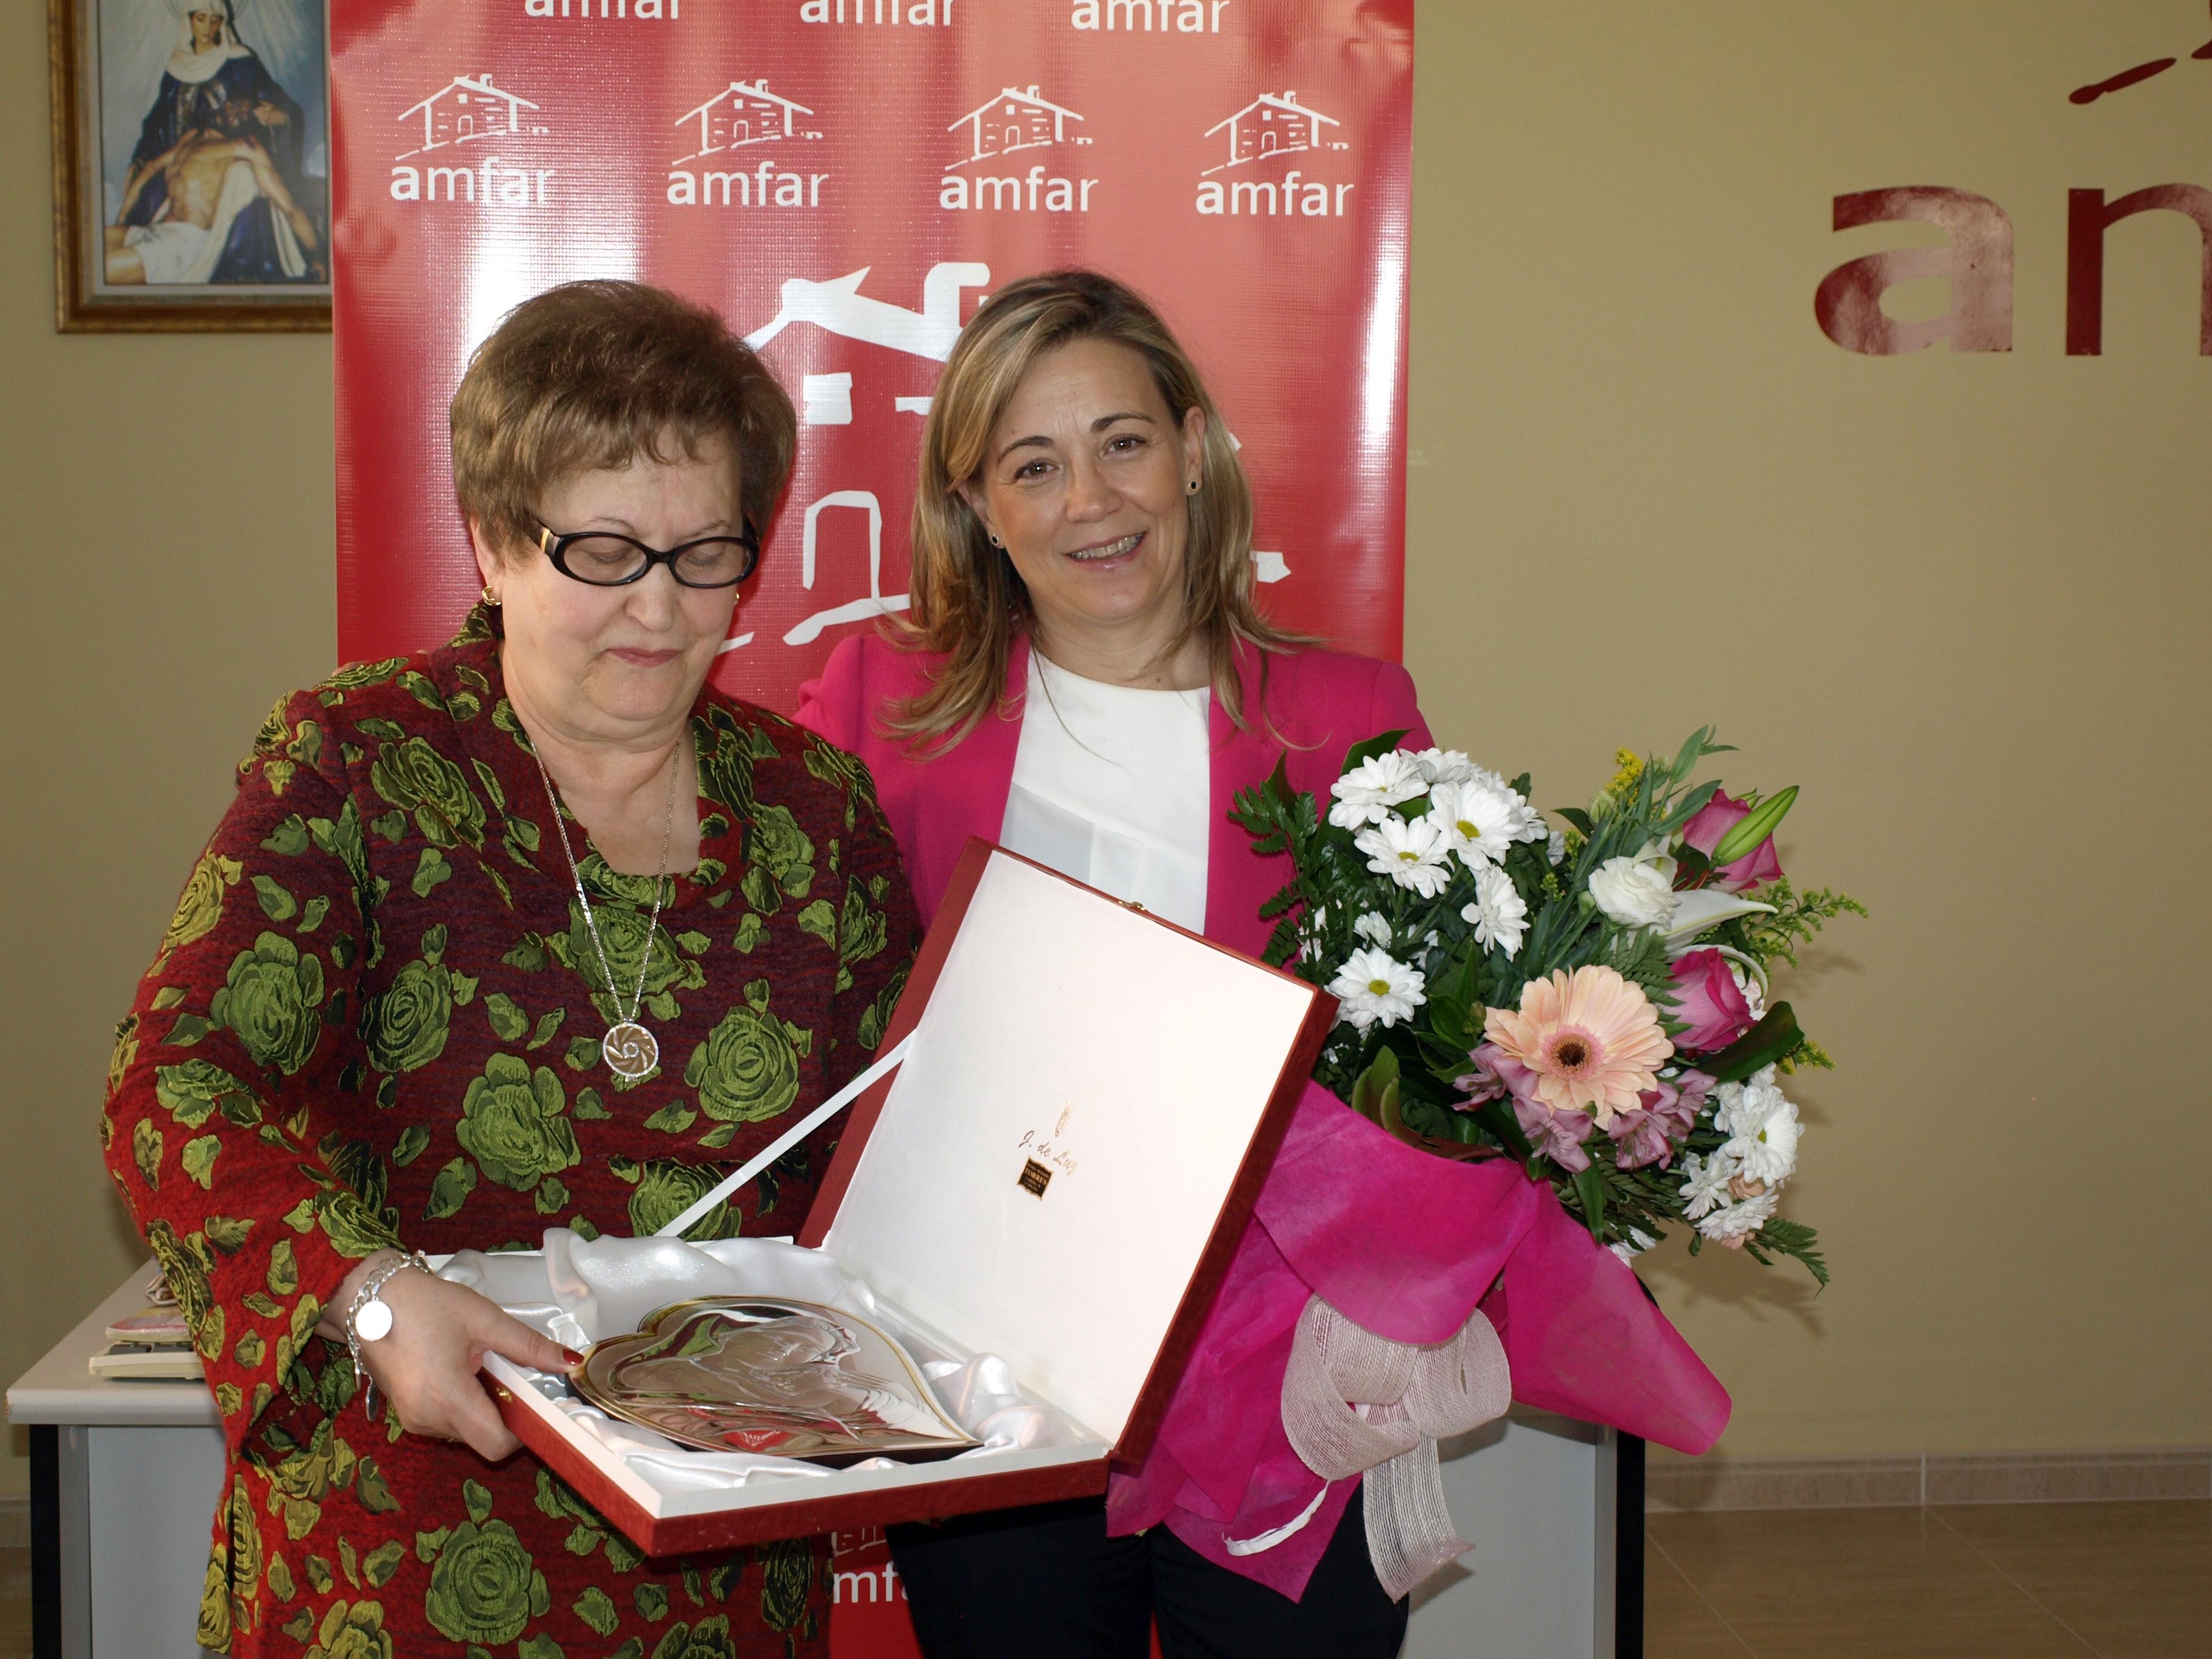 La asociación de La Solana reconoció la trayectoria de la presidenta, lola merino